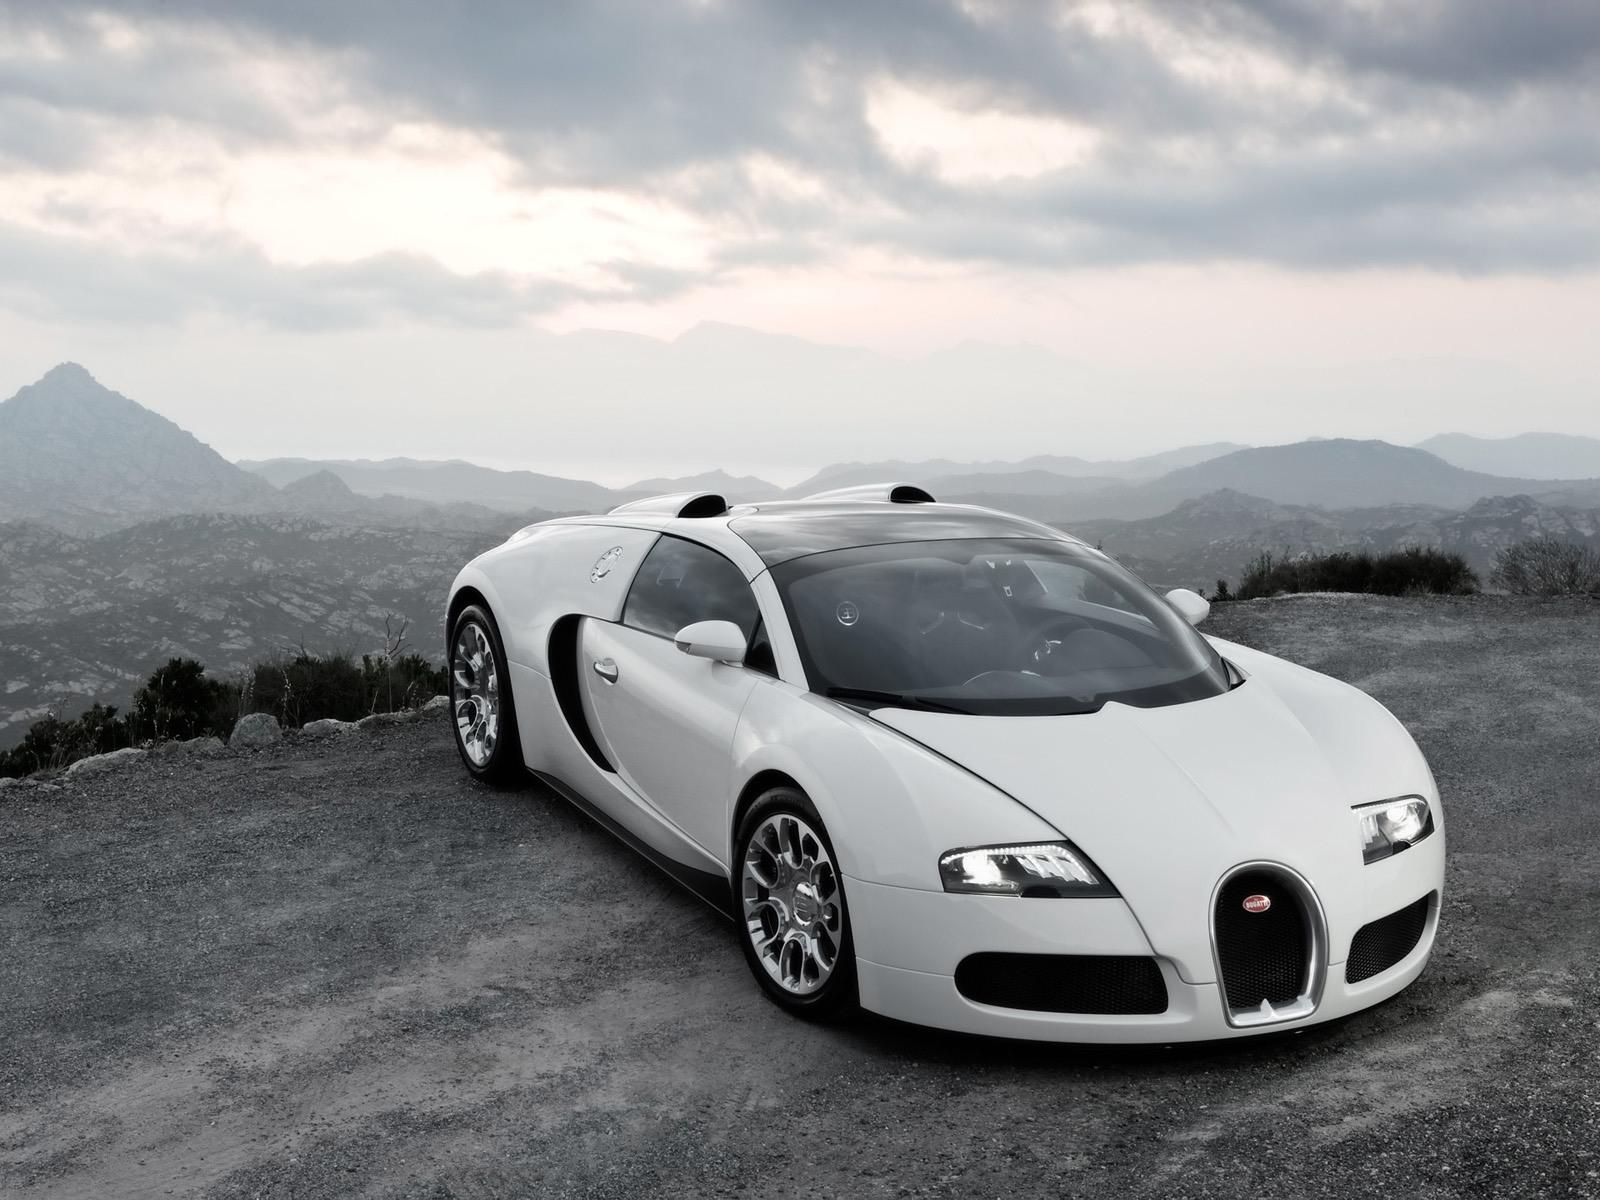 2009 Bugatti Veyron desktop wallpaper 1600x1200